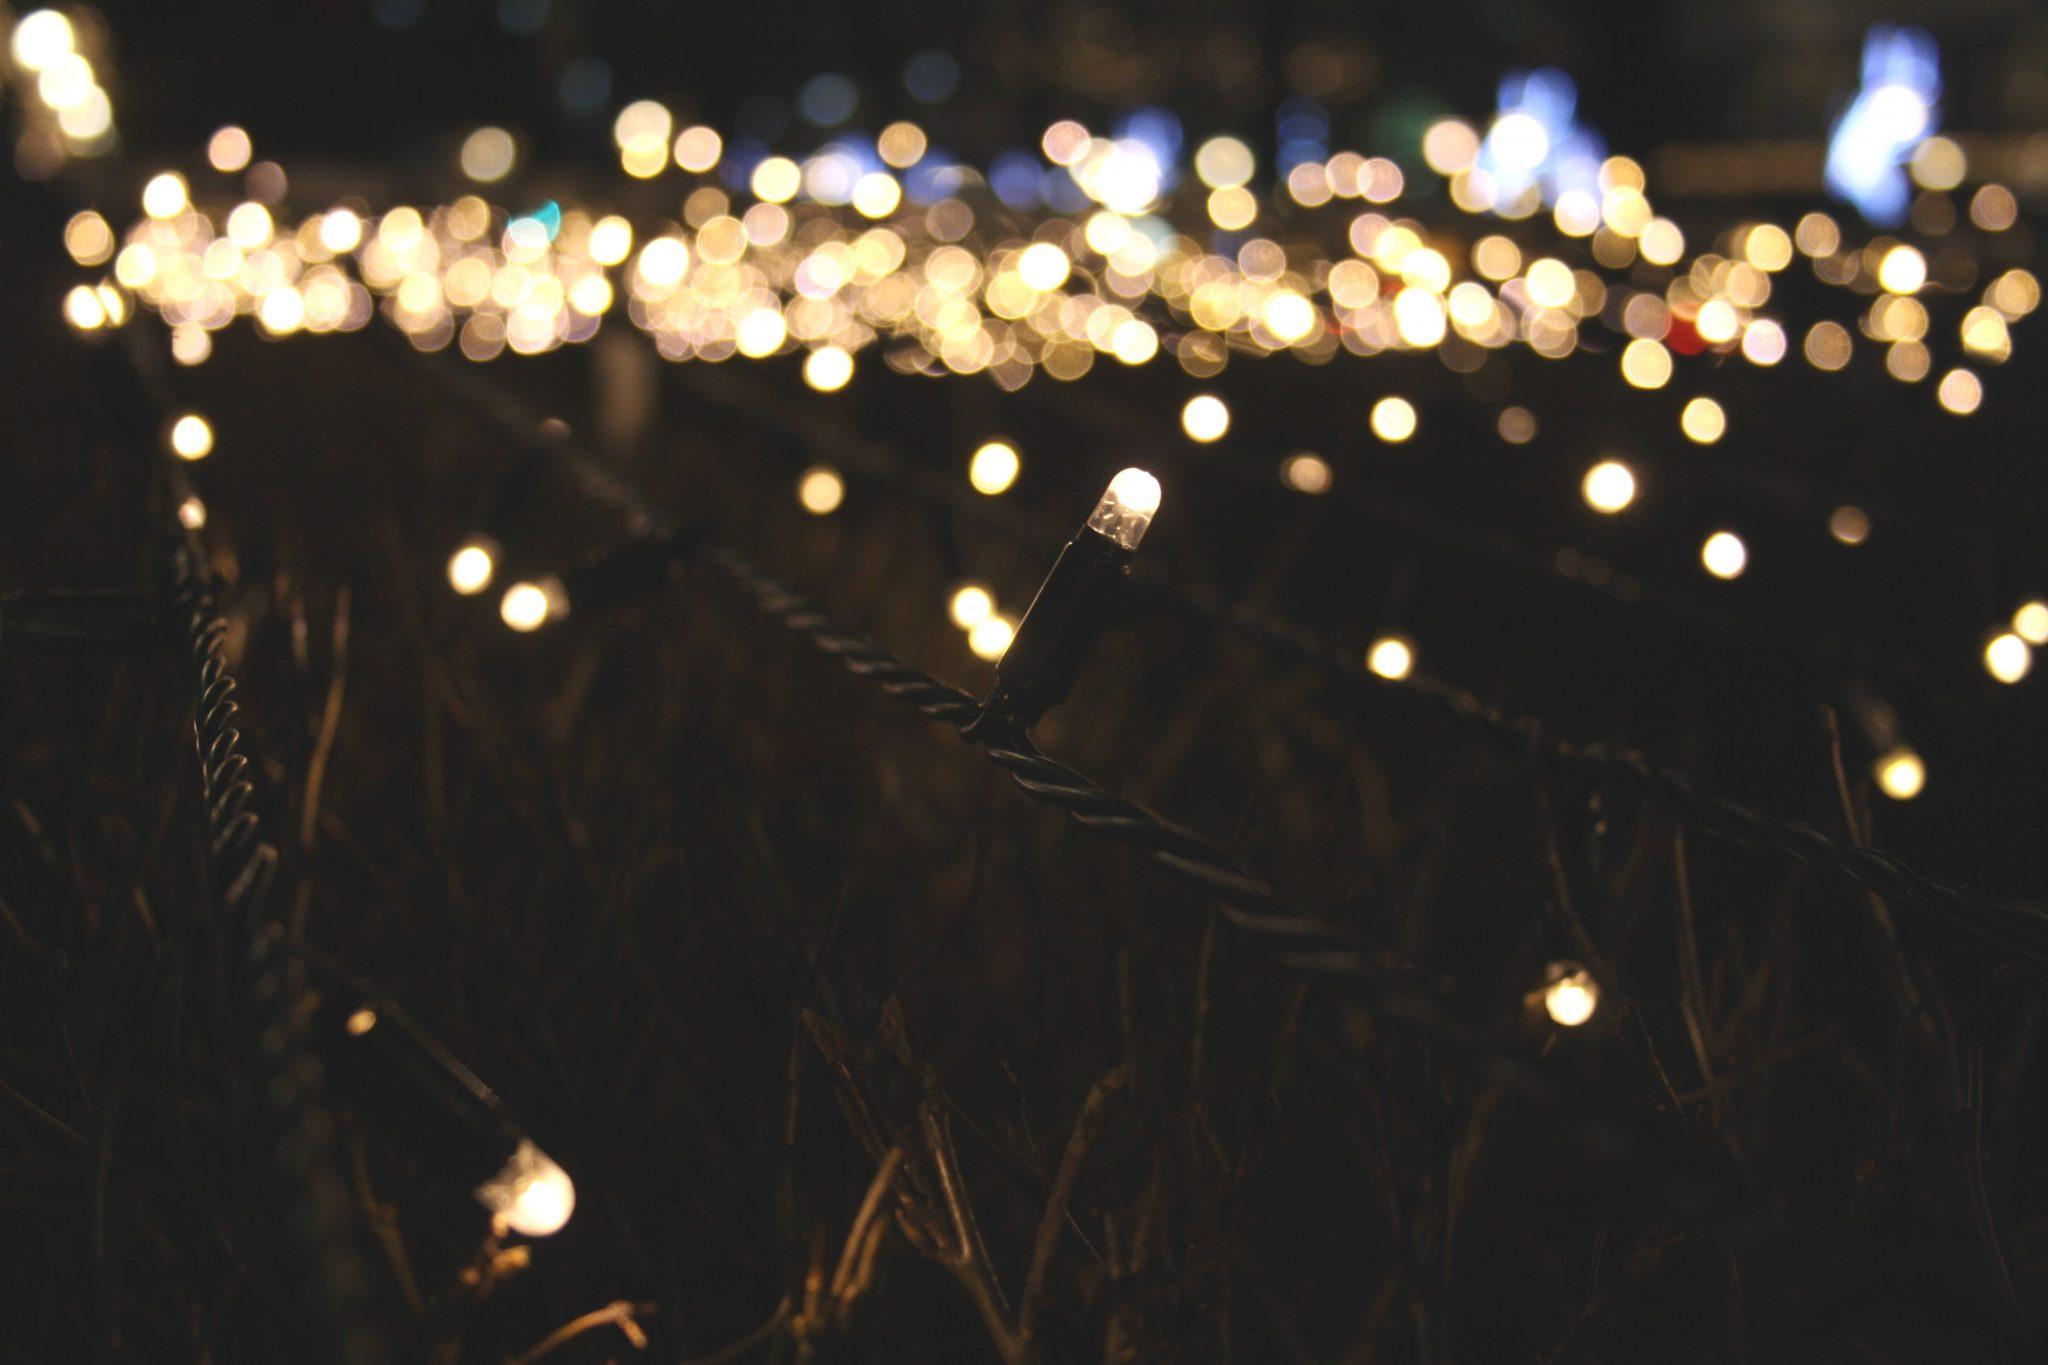 blur-bokeh-christmas-52907(1)